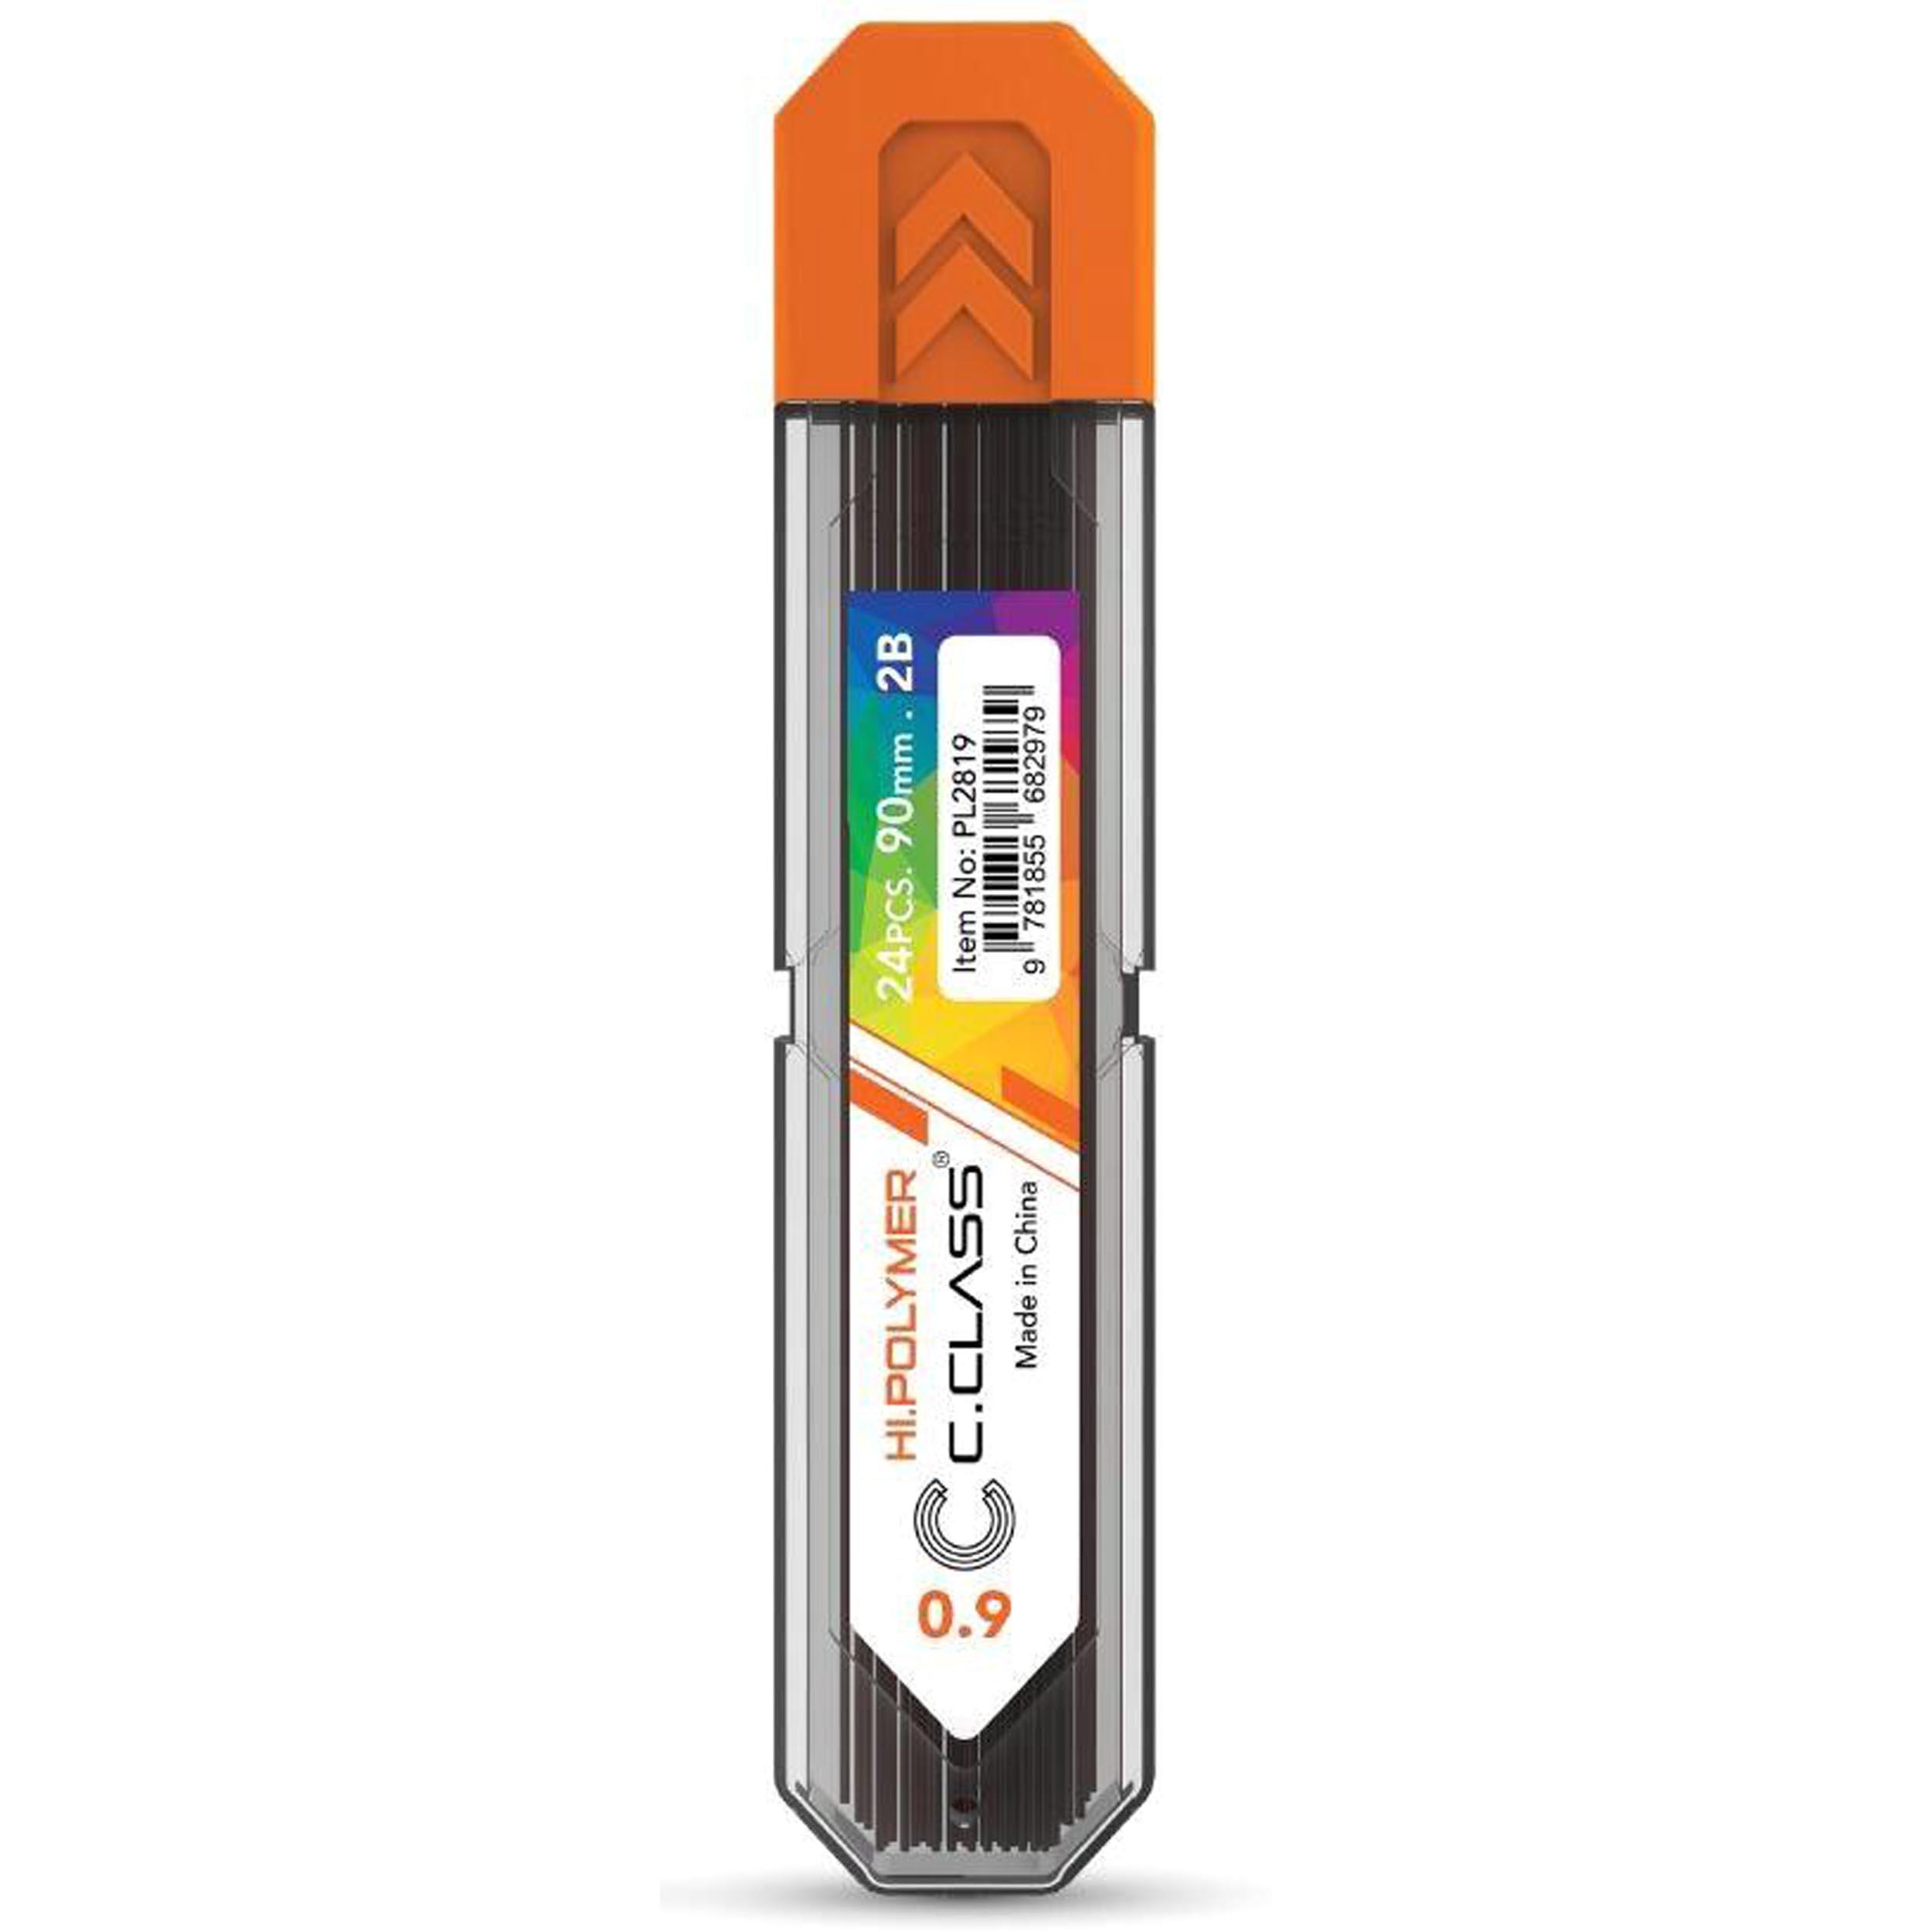 قیمت خرید نوک مداد نوکی 0.9 میلی متری سی.کلاس کد PL2815 اورجینال